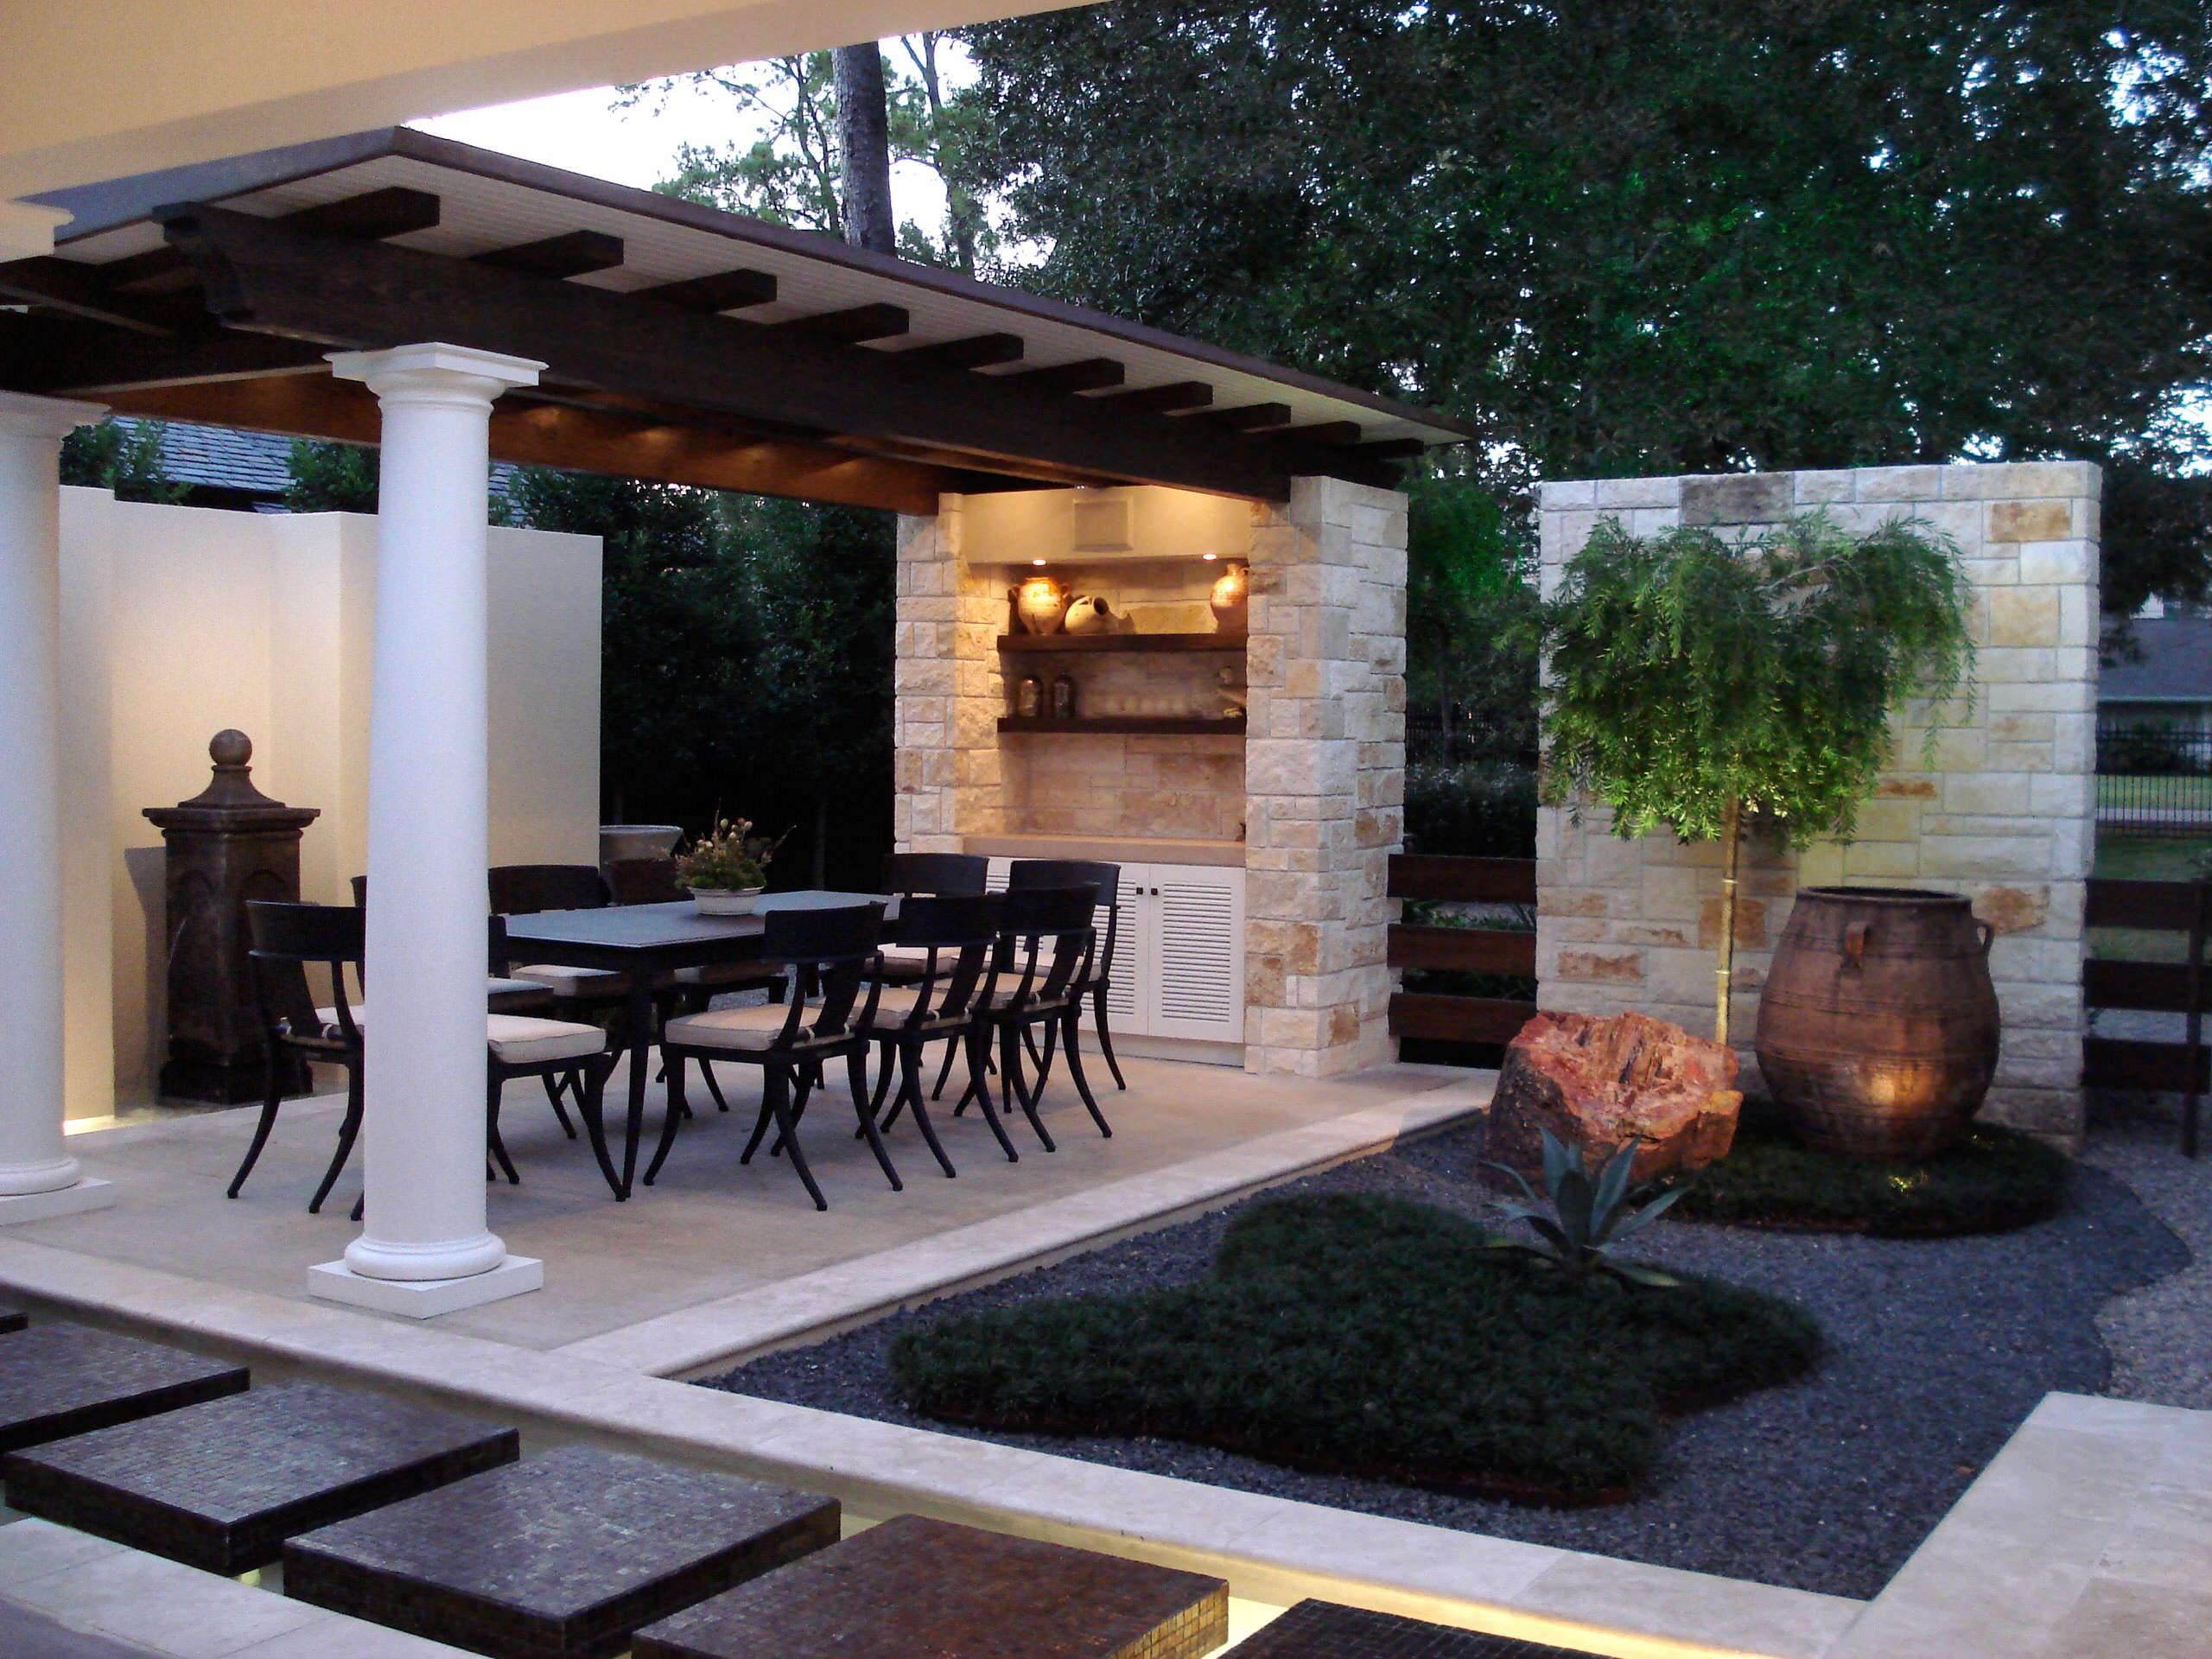 75 beautiful small patio with a gazebo